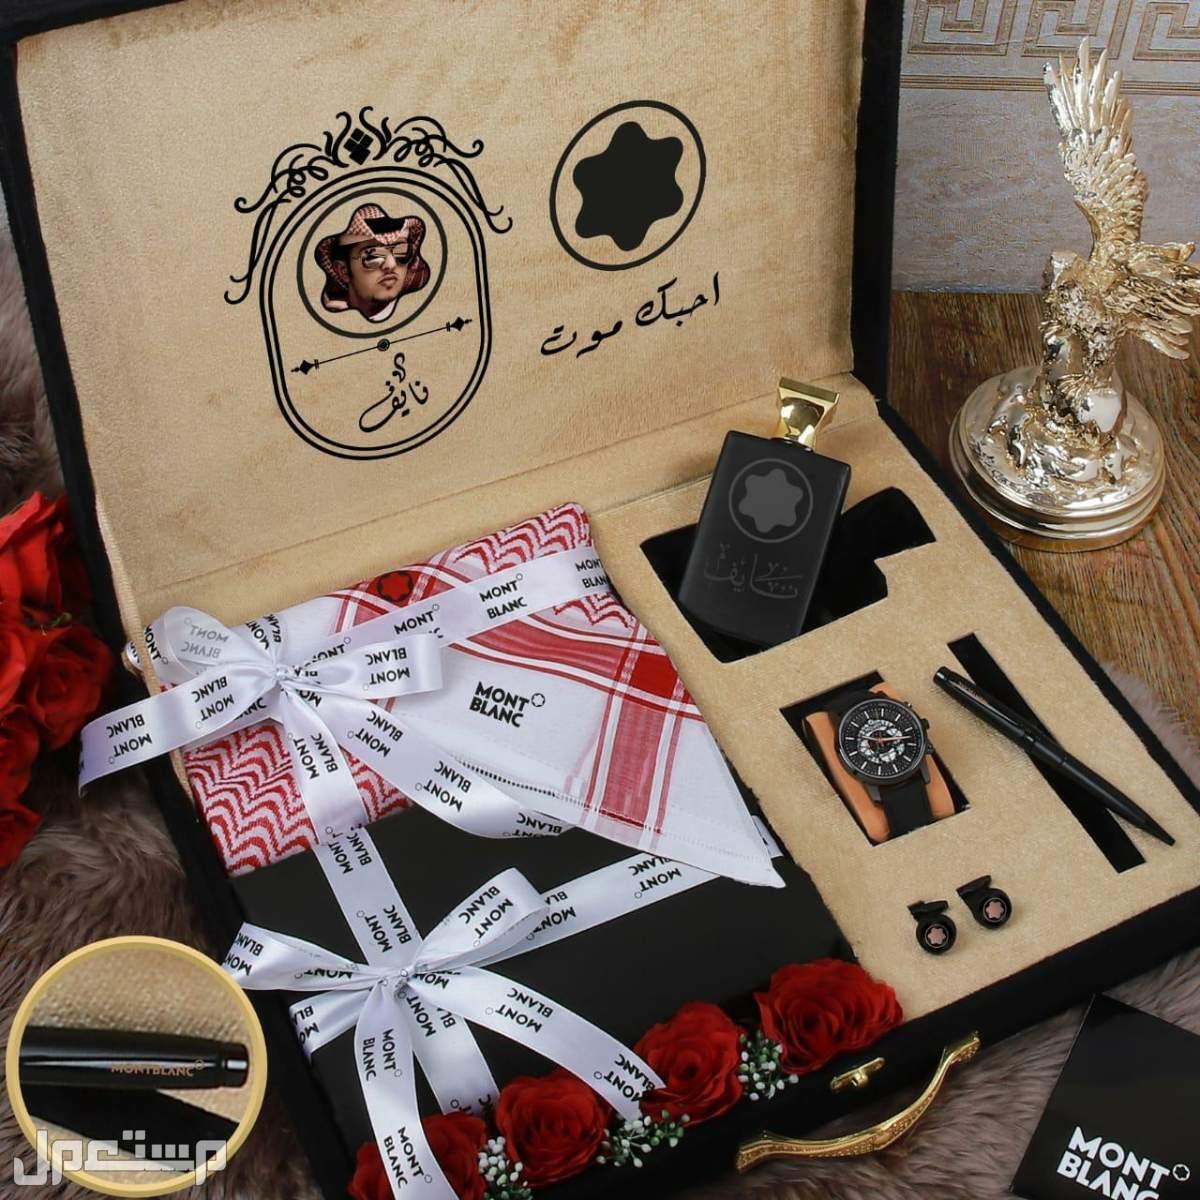 بوكس اهداء رجالي ملكي للراغبين باحدث الهدايا